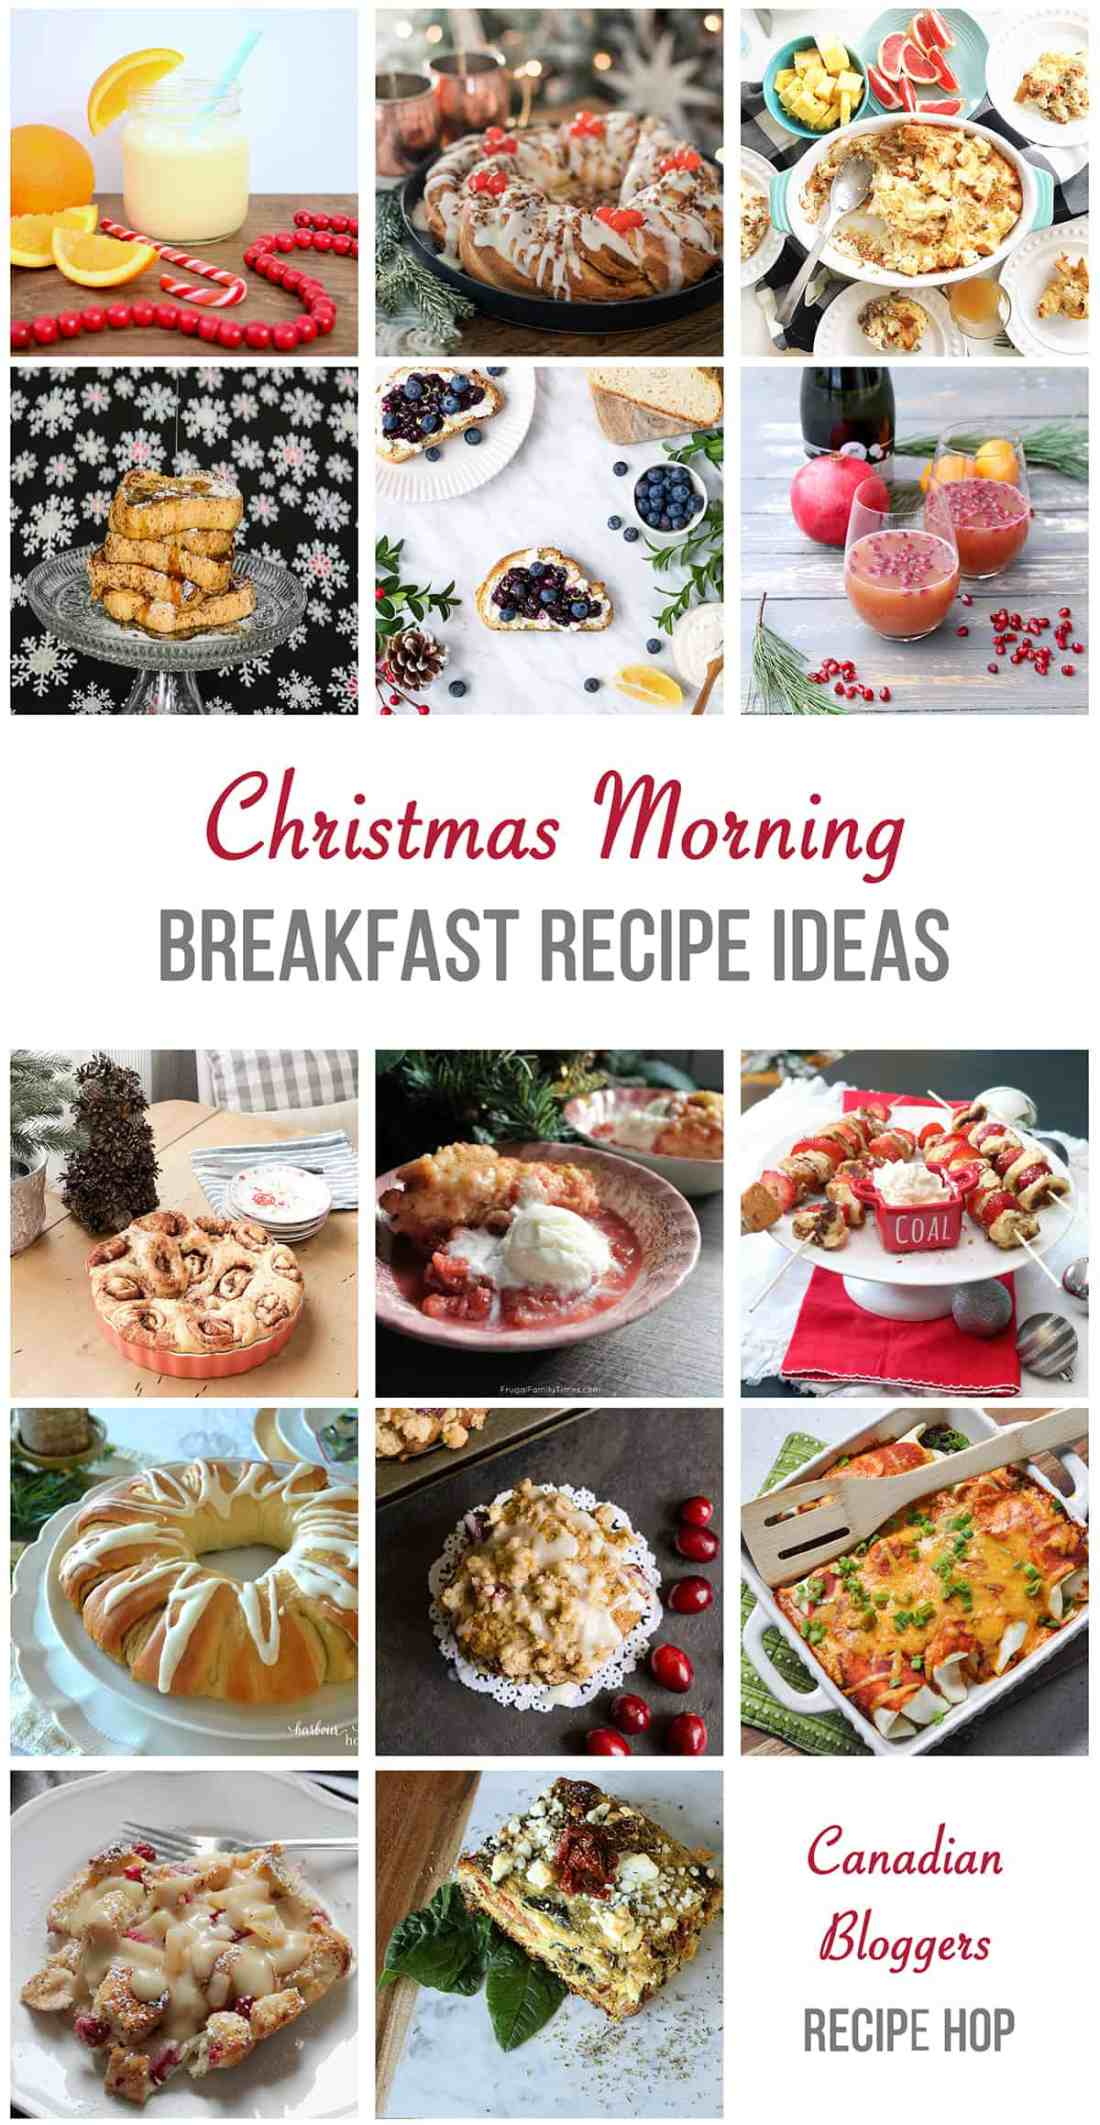 Christmas Morning Breakfast Recipe Ideas